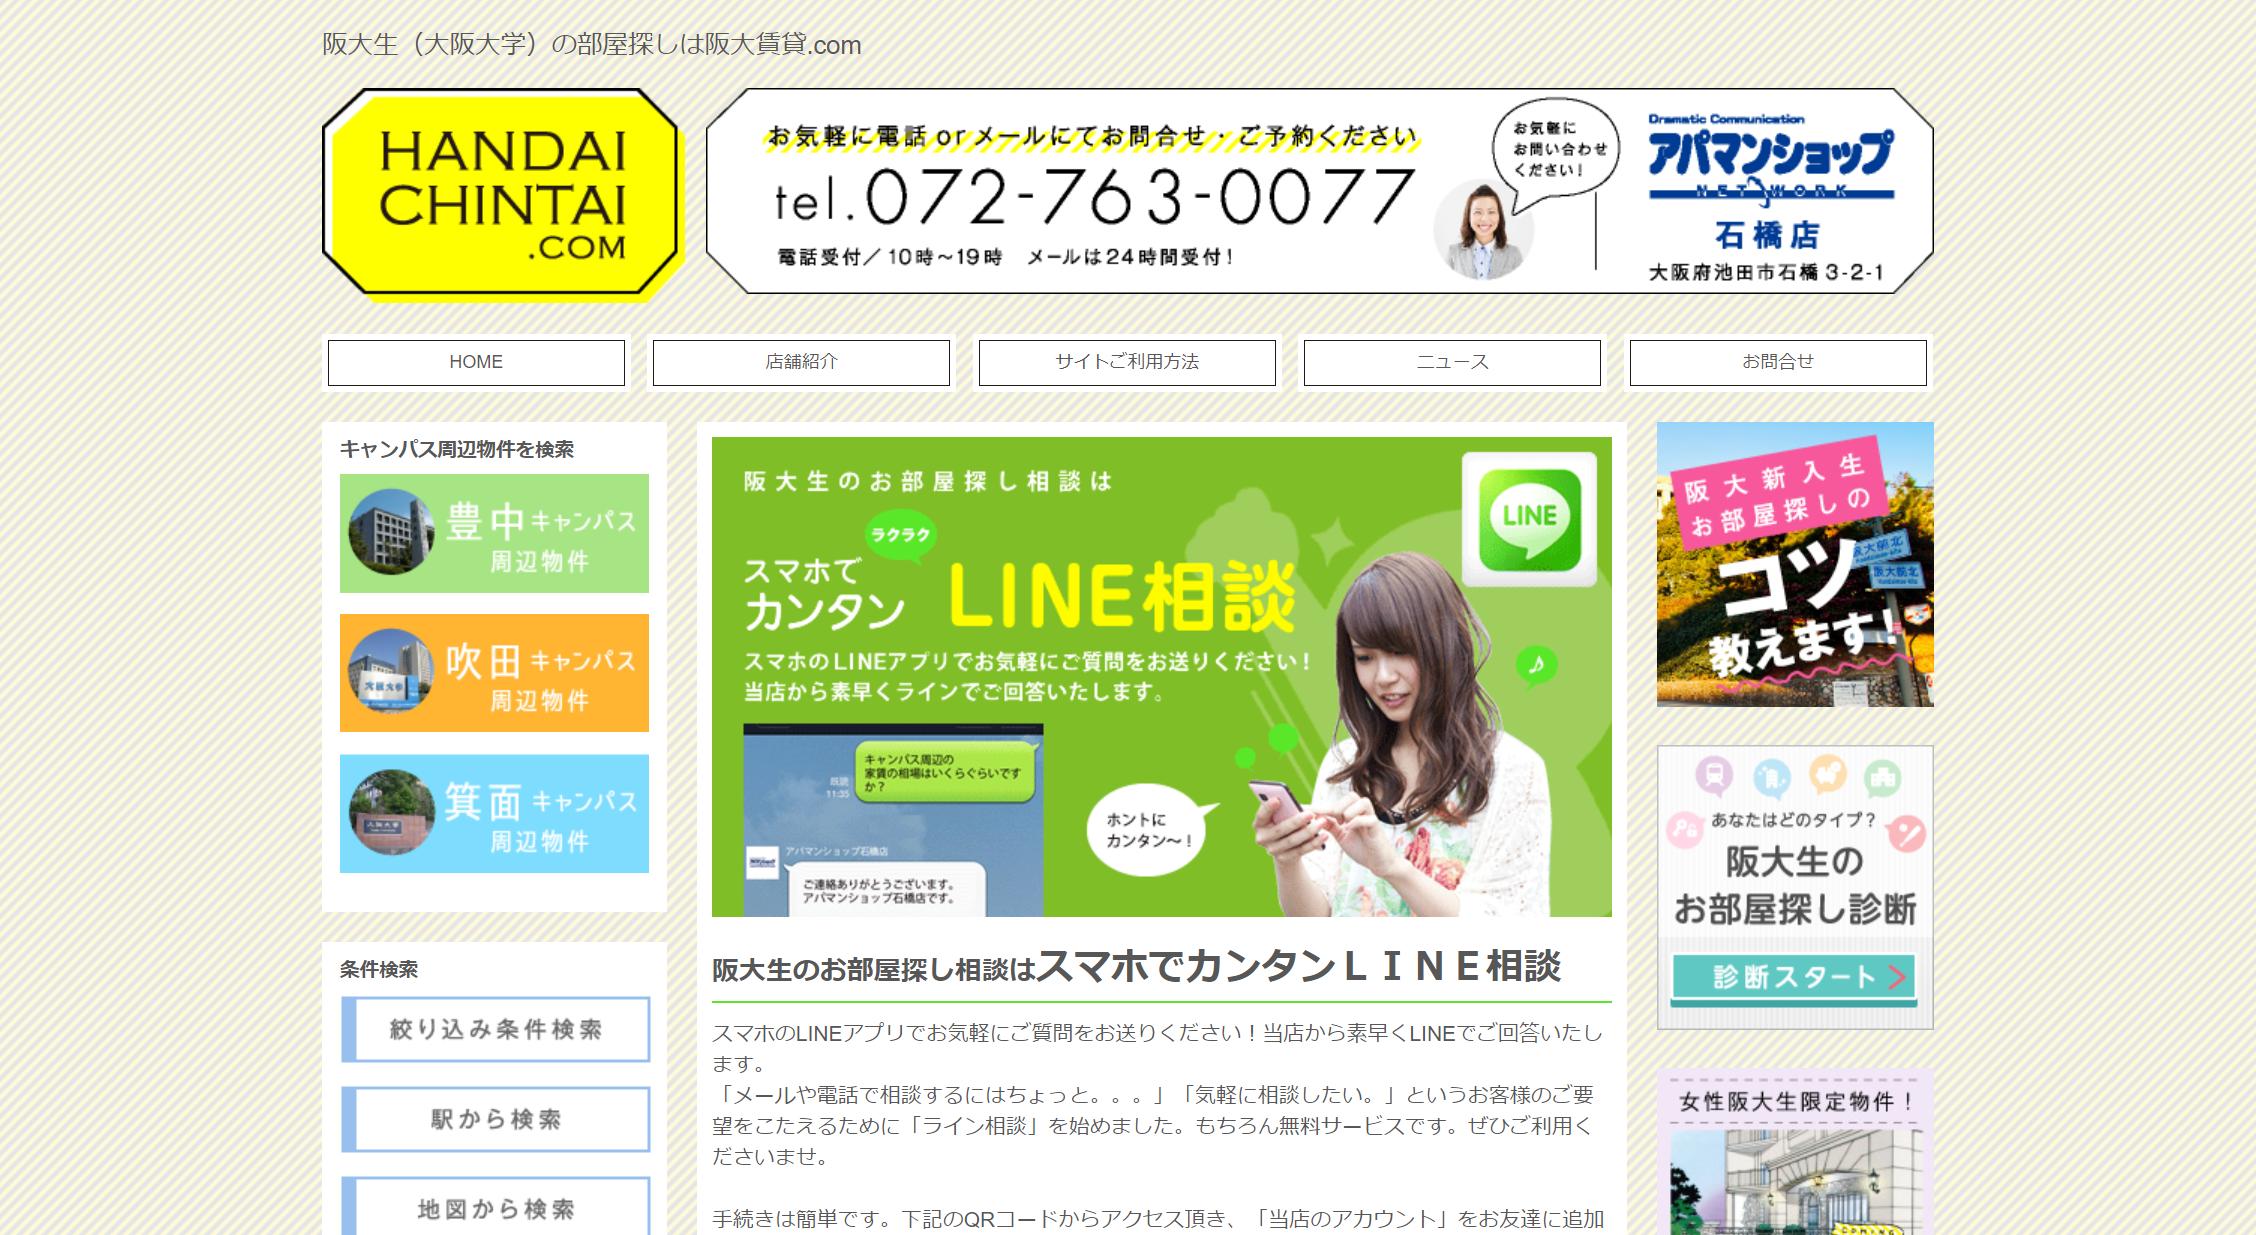 LINE 賃貸